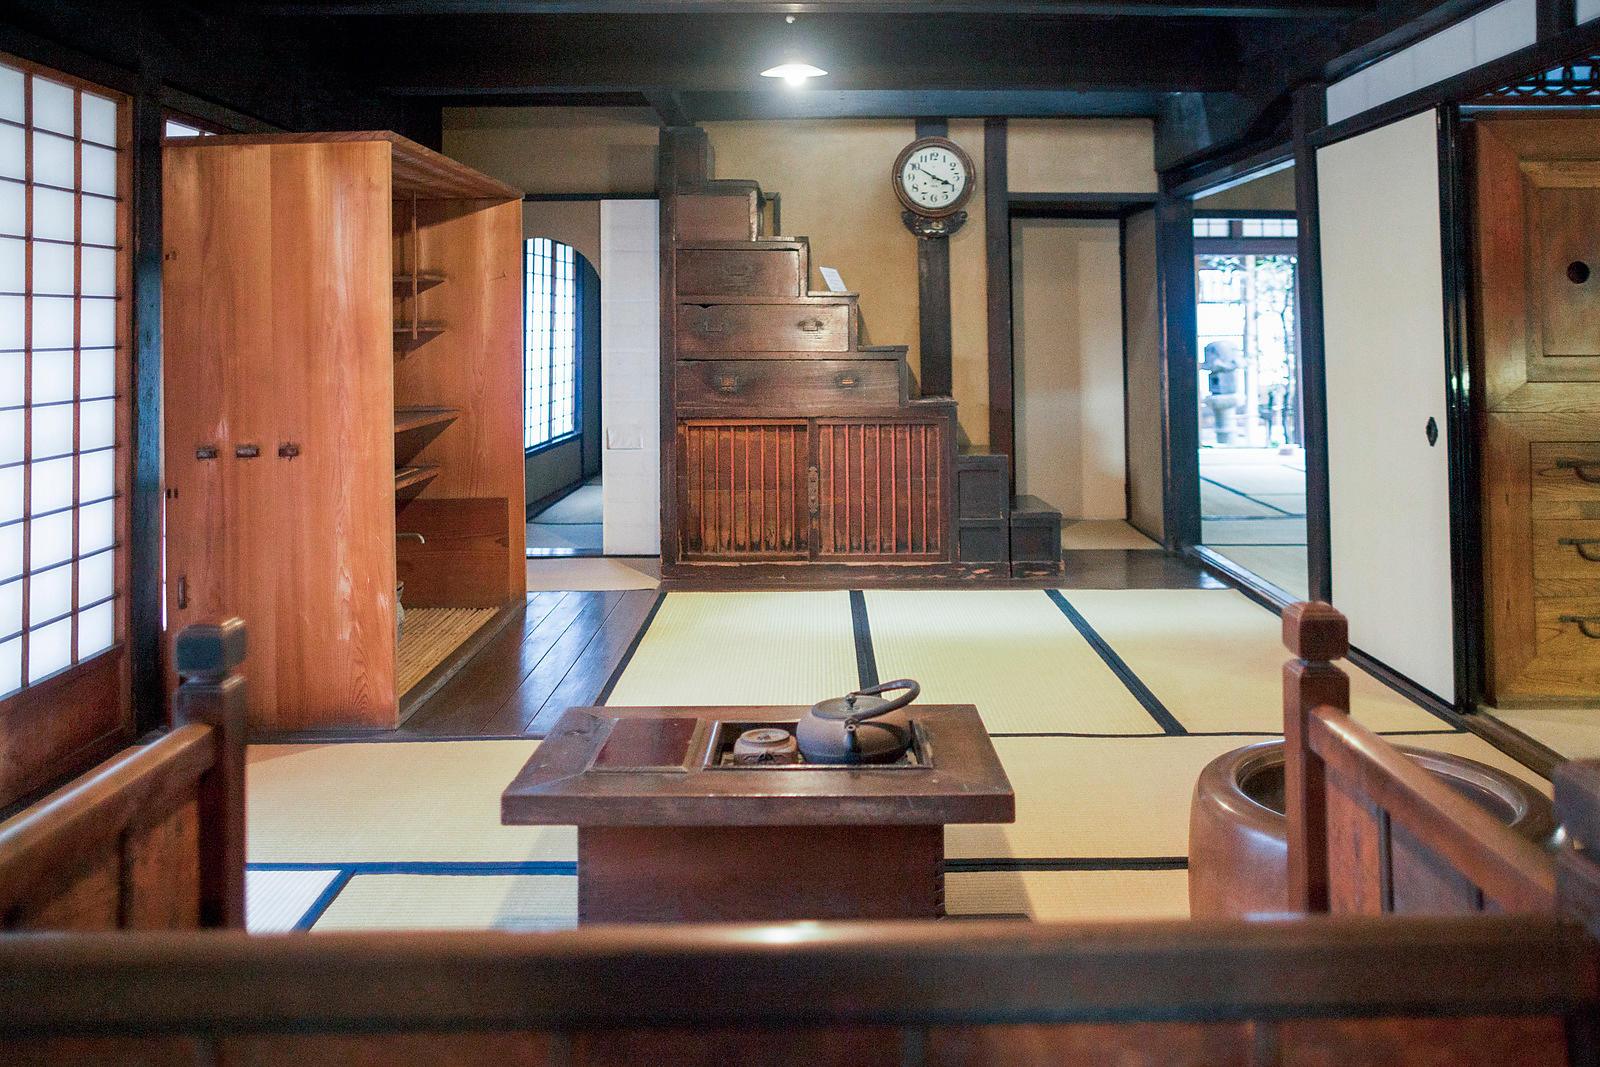 Interieur Maison Japonaise Traditionnelle antoine boureau | intérieur d'une maison japonaise